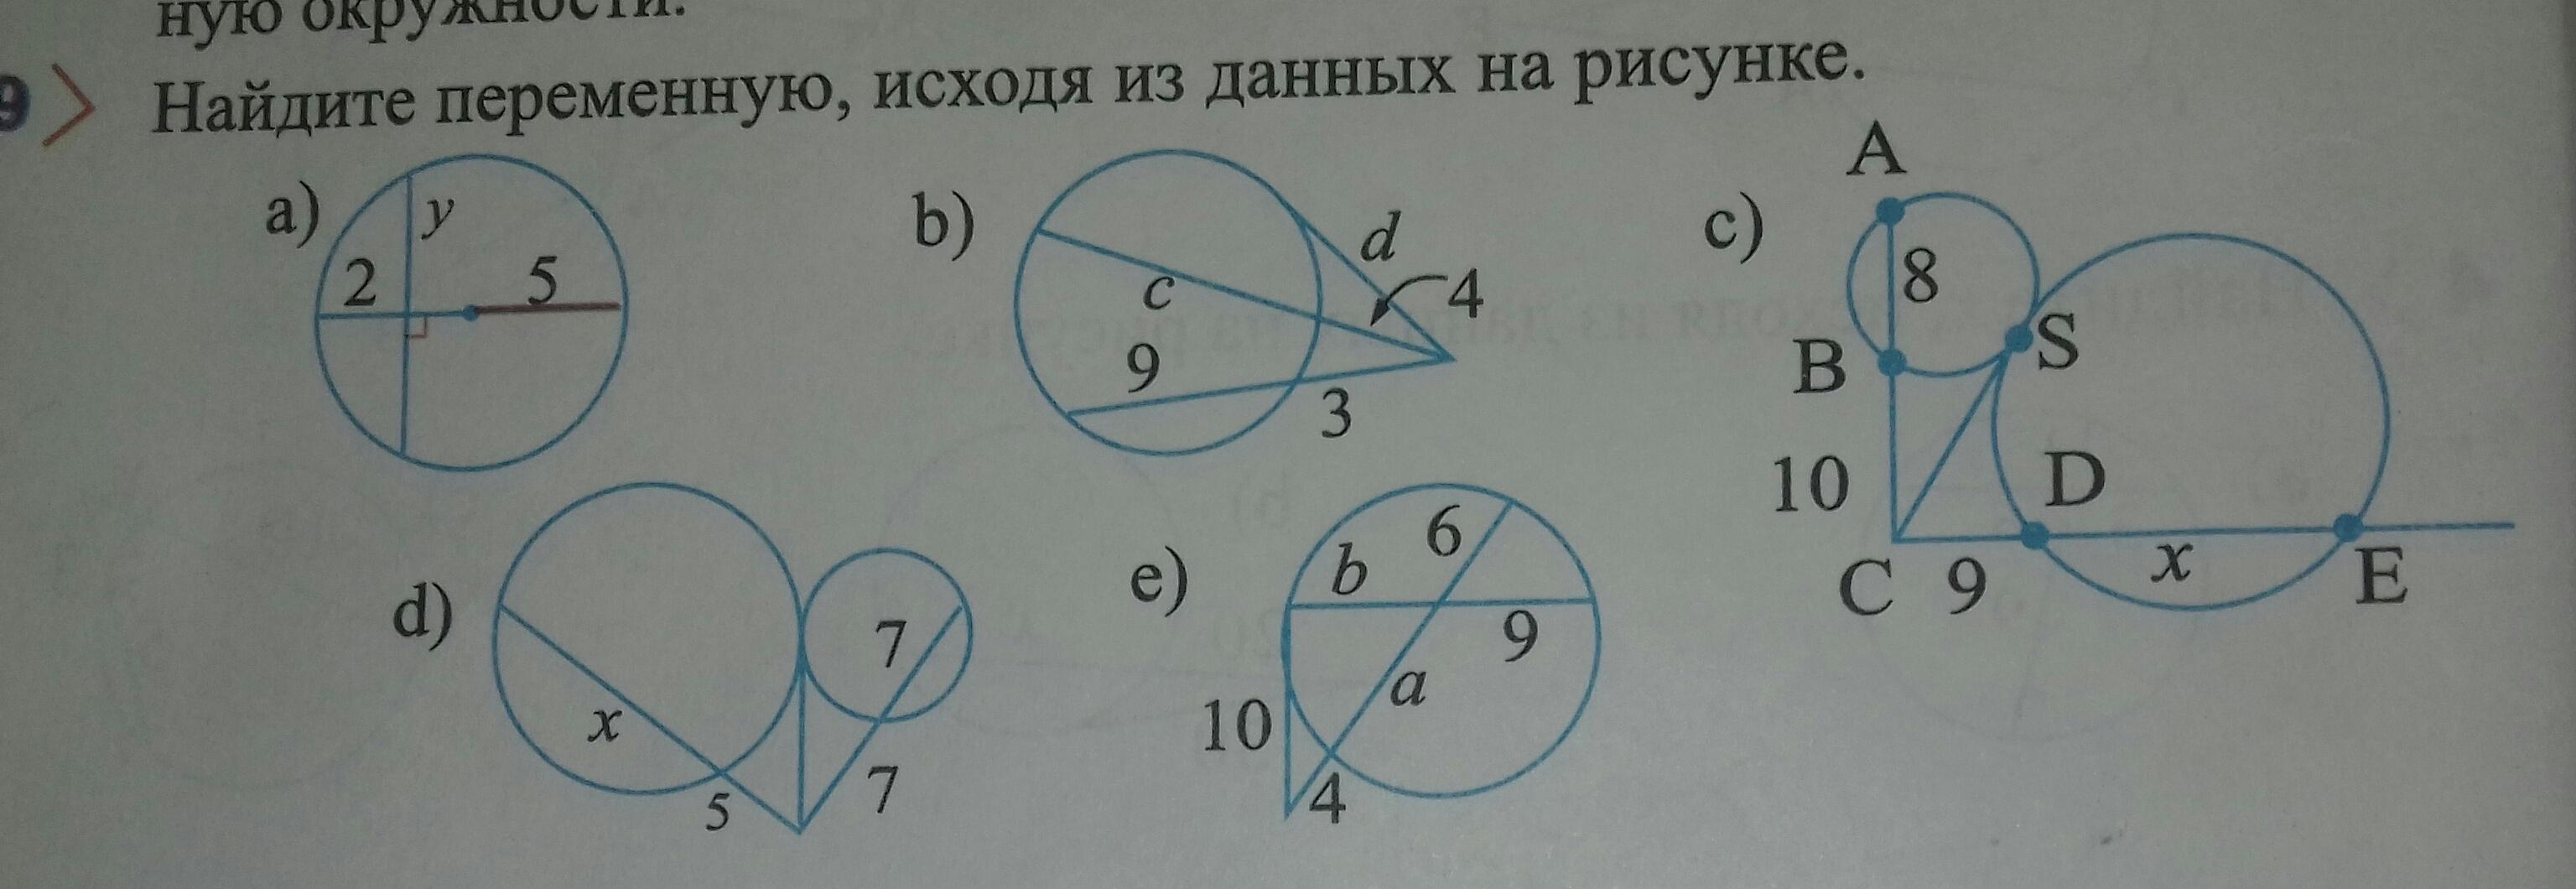 Найдите переменную, исходя из данных на рисунке. a, b, c , e